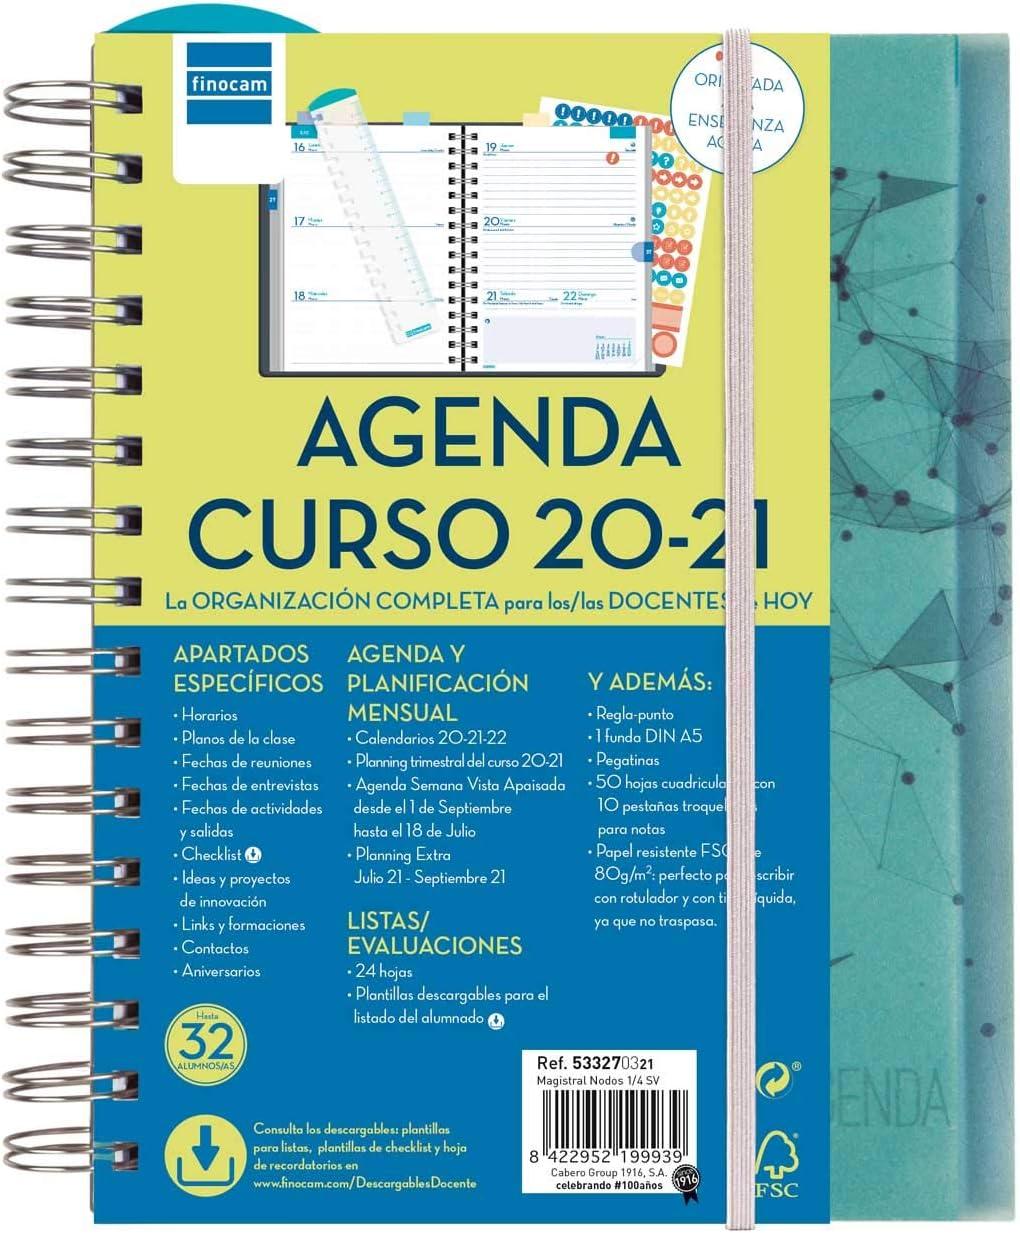 Finocam - Agenda Docente 2020-2021 Cuarto - 155x212 Semana Vista Apaisada Magistral Nodos Español